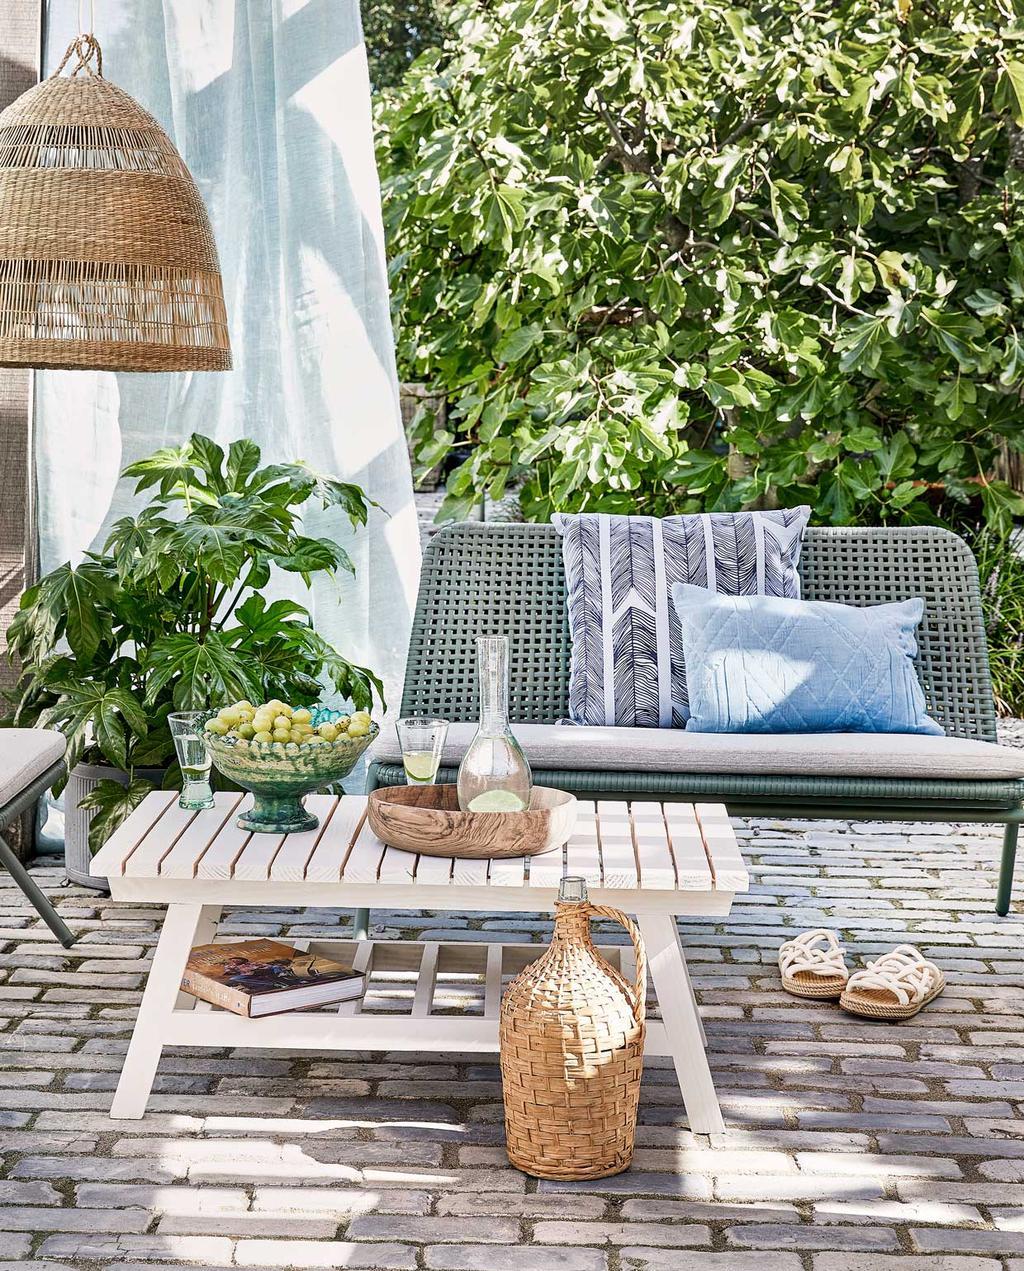 vtwonen special tuin 04 05-2021 | DIY wit houten salontafel op terras met groen bankje, rieten lamp en luchtige gordijnen